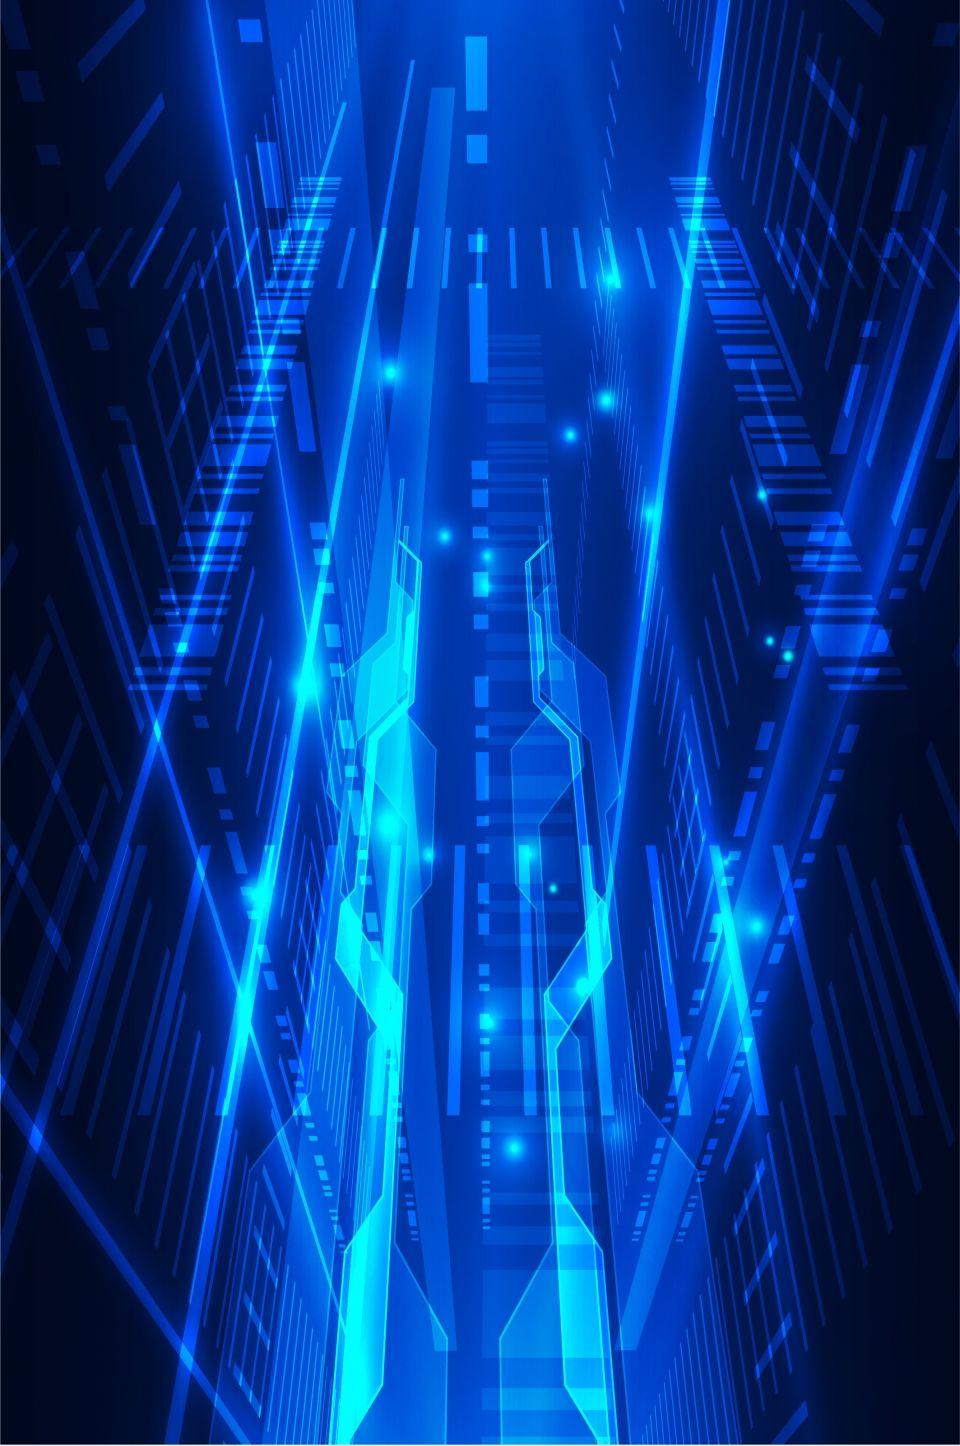 Blue Tech Wallpaper : wallpaper, Texture, Light, Background, Background,, Texture,, Technology, Wallpaper